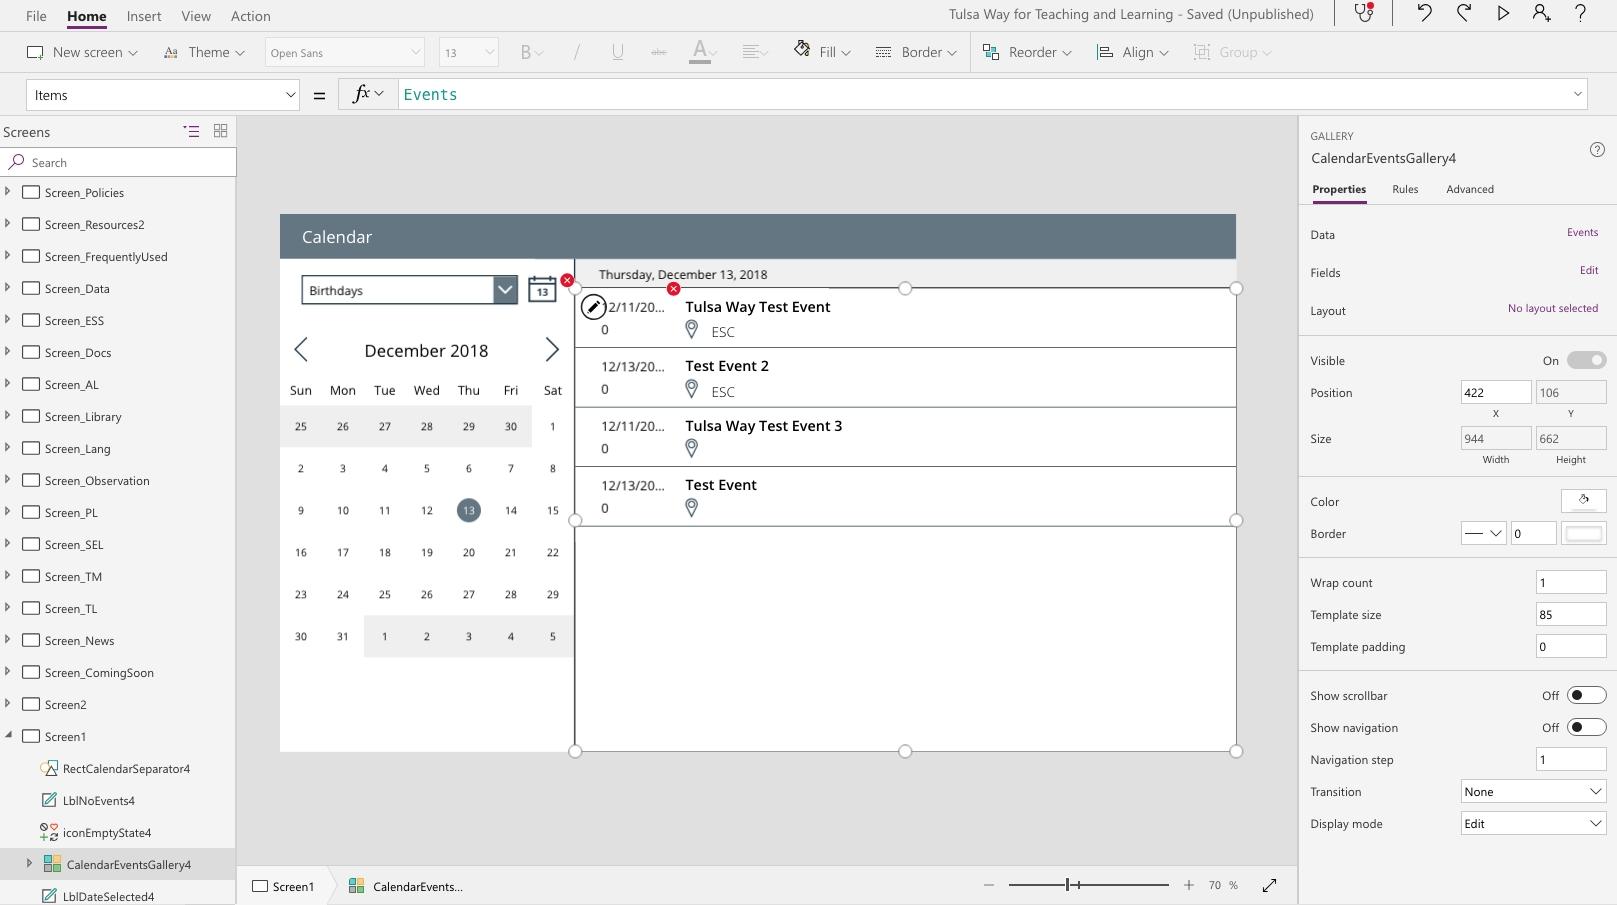 Sharepoint Calendar W/ Powerapps Calendar Template - Power